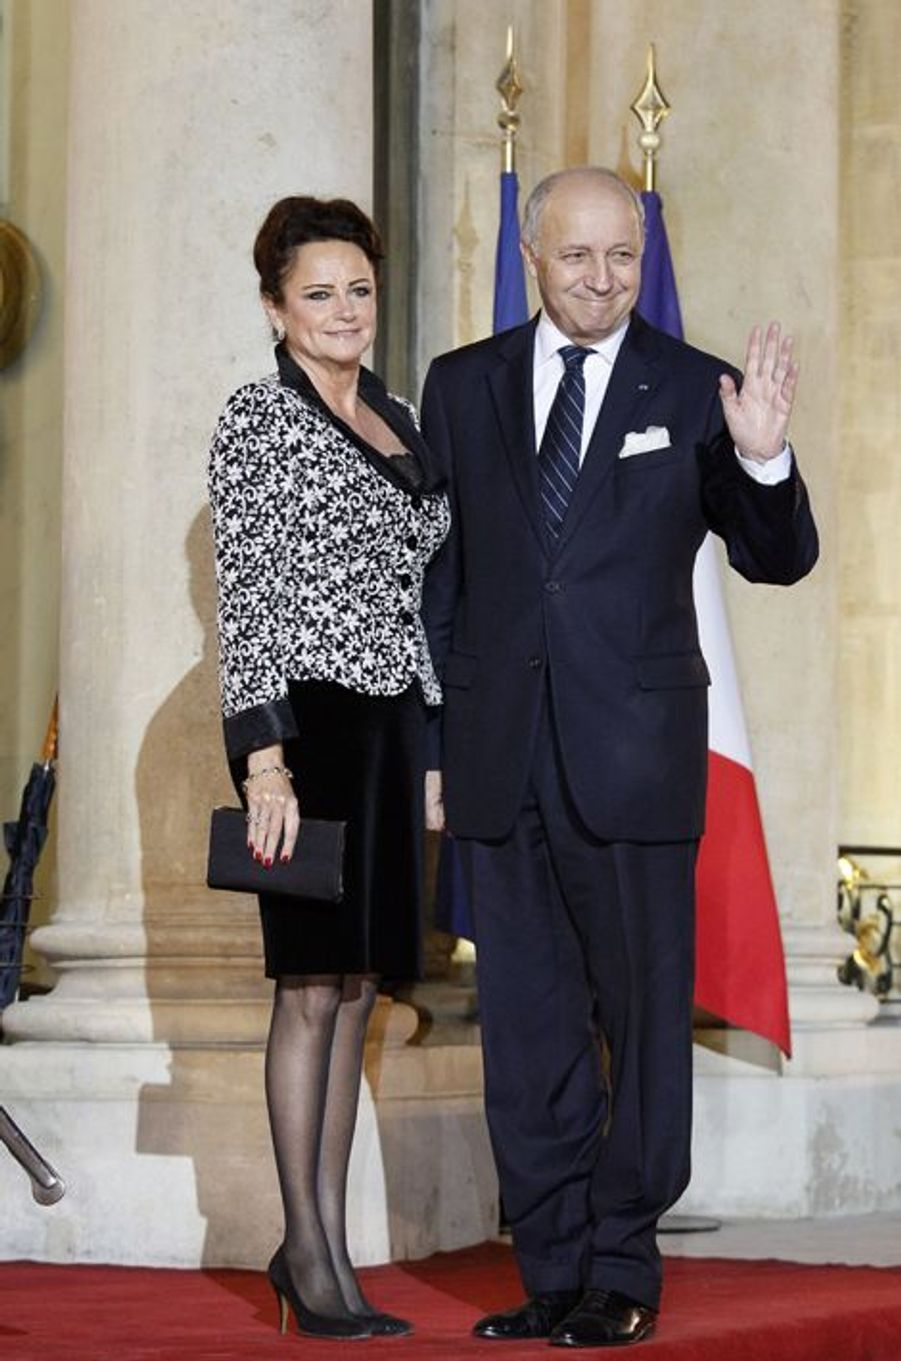 Laurent Fabius et Marie-France Marchand Baylet au dîner d'Etat donné en l'honneur du président malien à l'Elysée